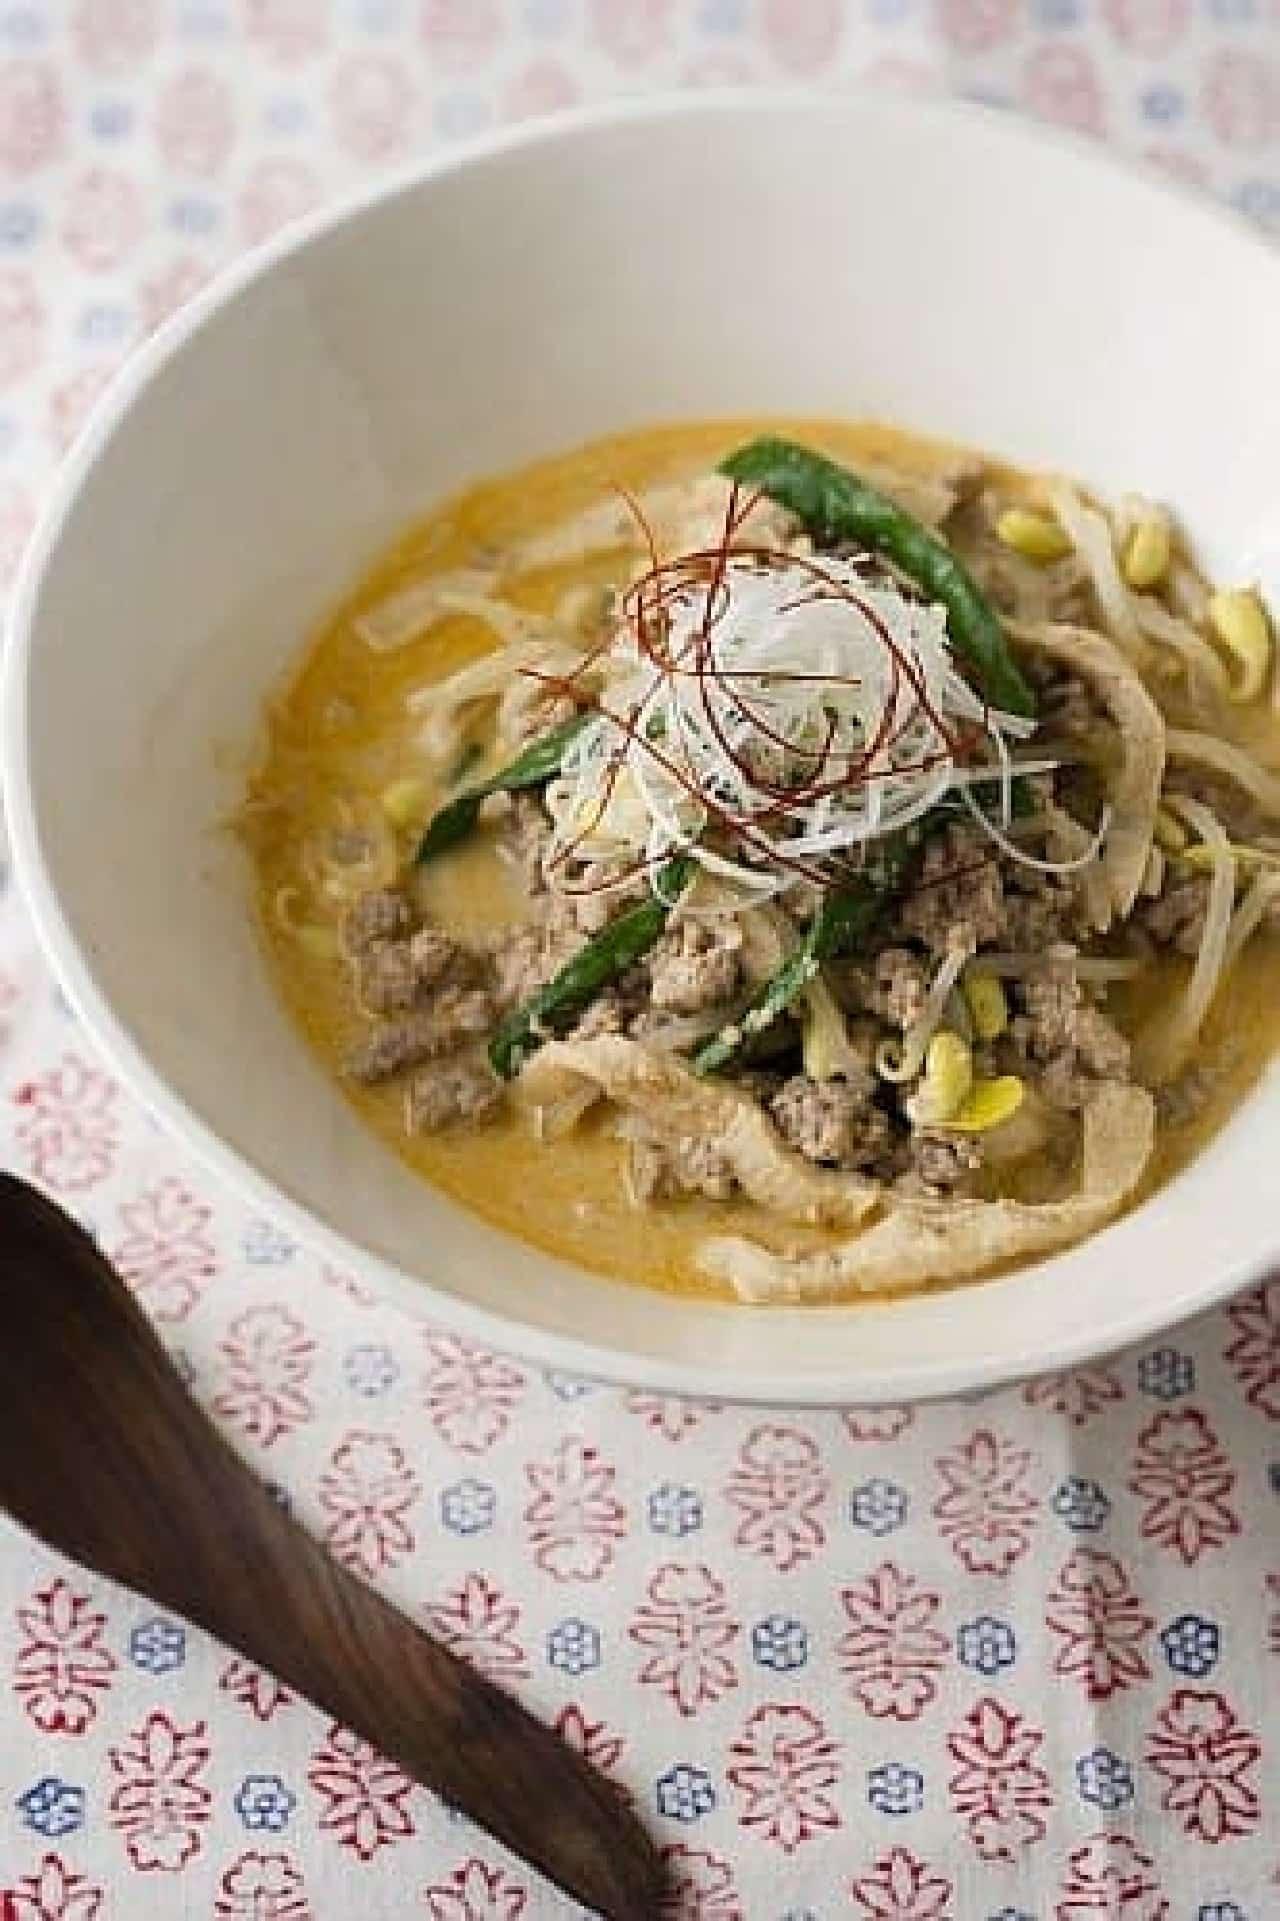 高野どうふの坦々麺